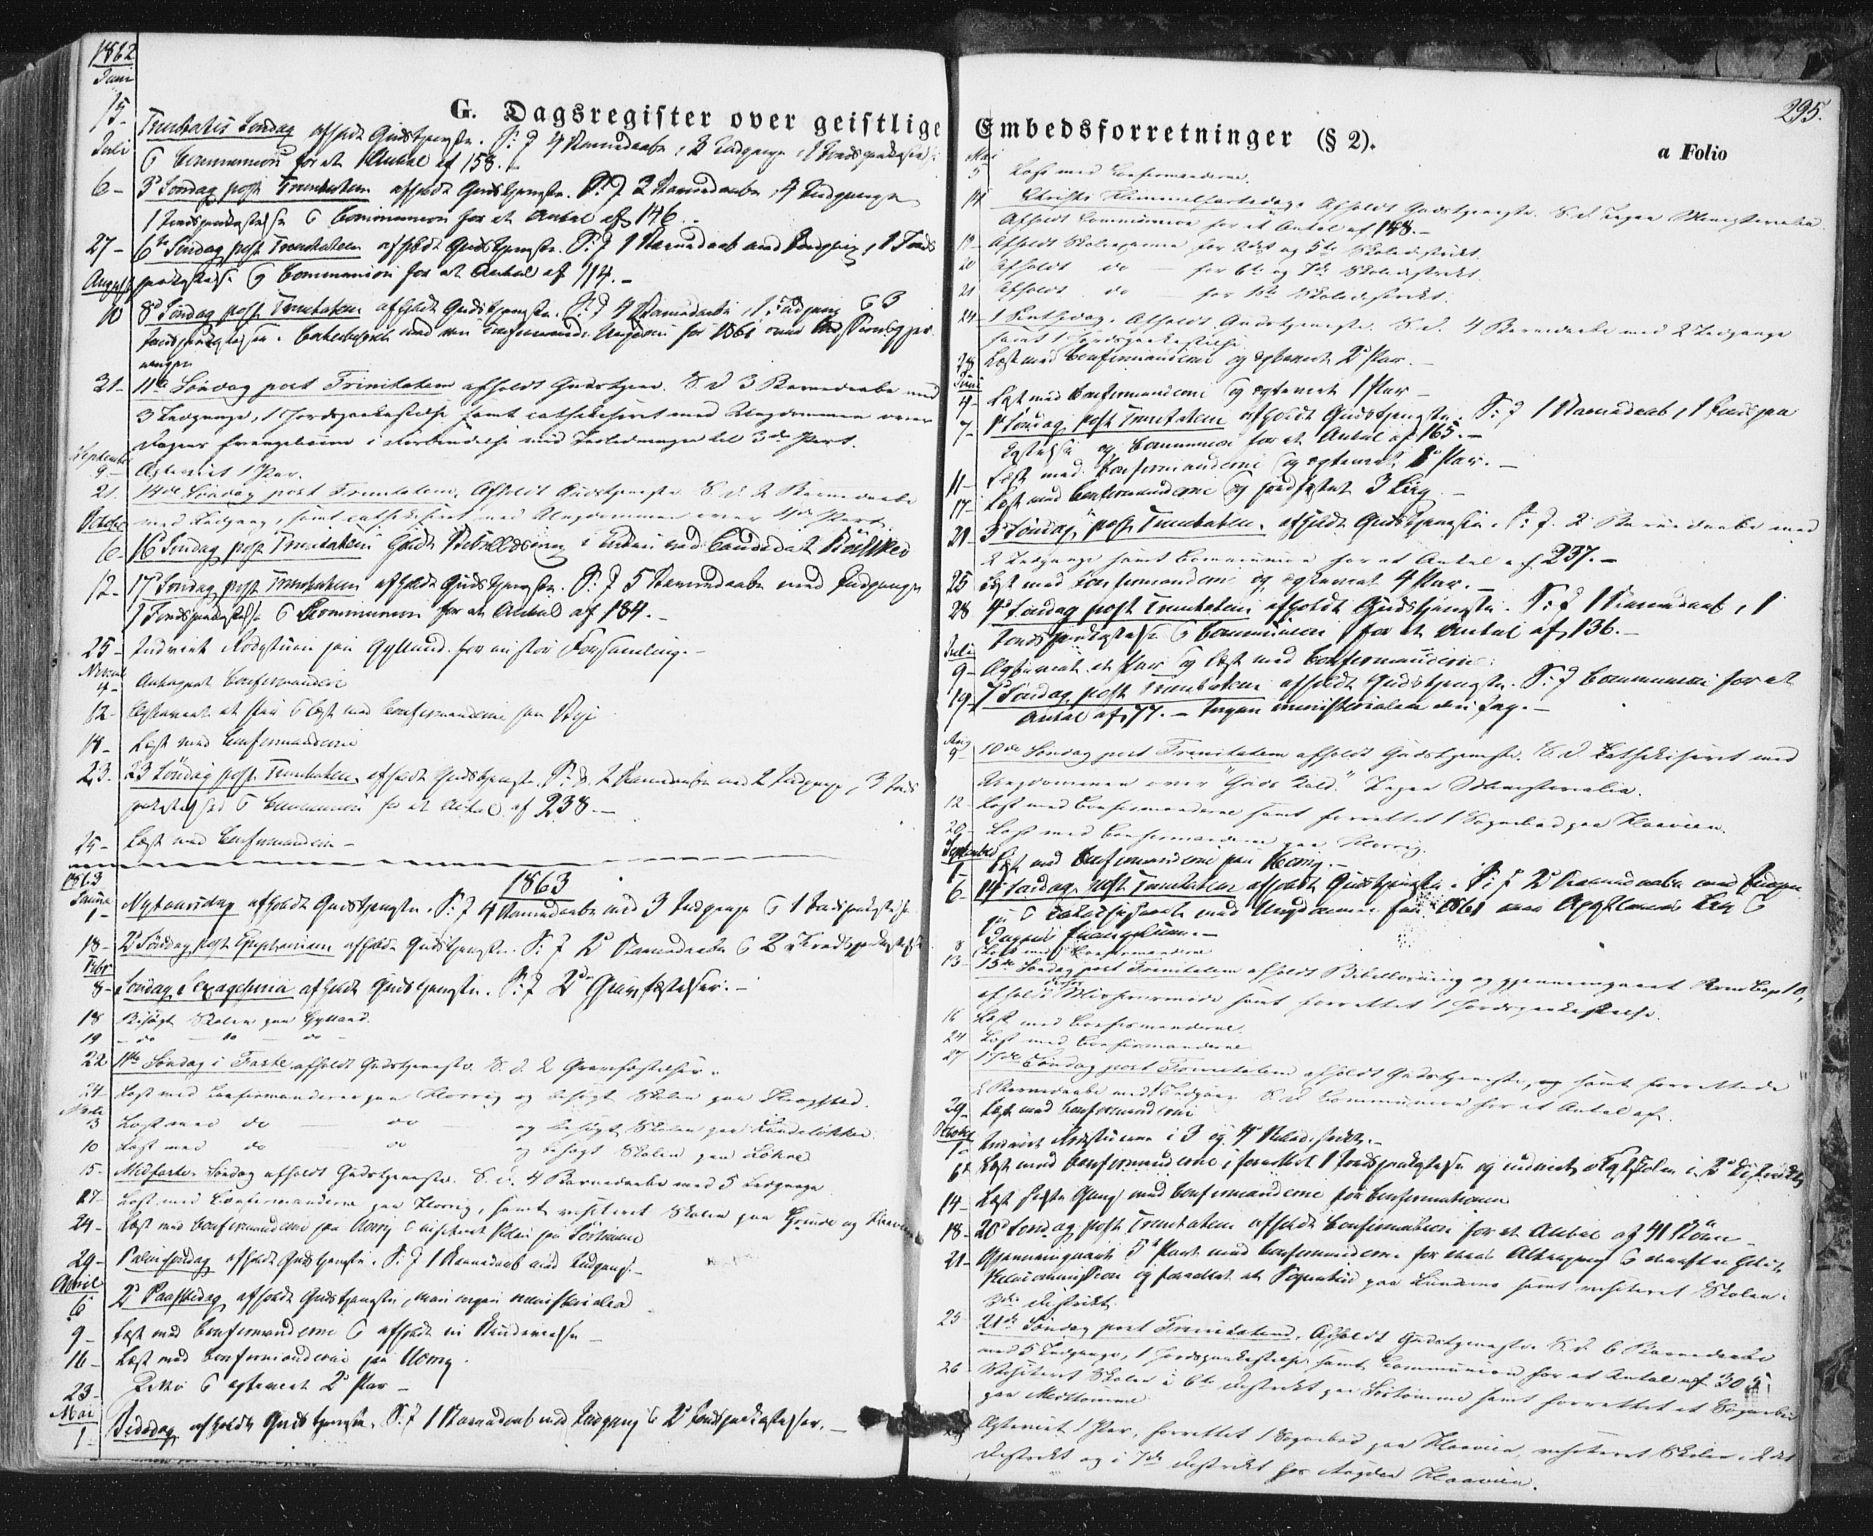 SAT, Ministerialprotokoller, klokkerbøker og fødselsregistre - Sør-Trøndelag, 692/L1103: Ministerialbok nr. 692A03, 1849-1870, s. 295